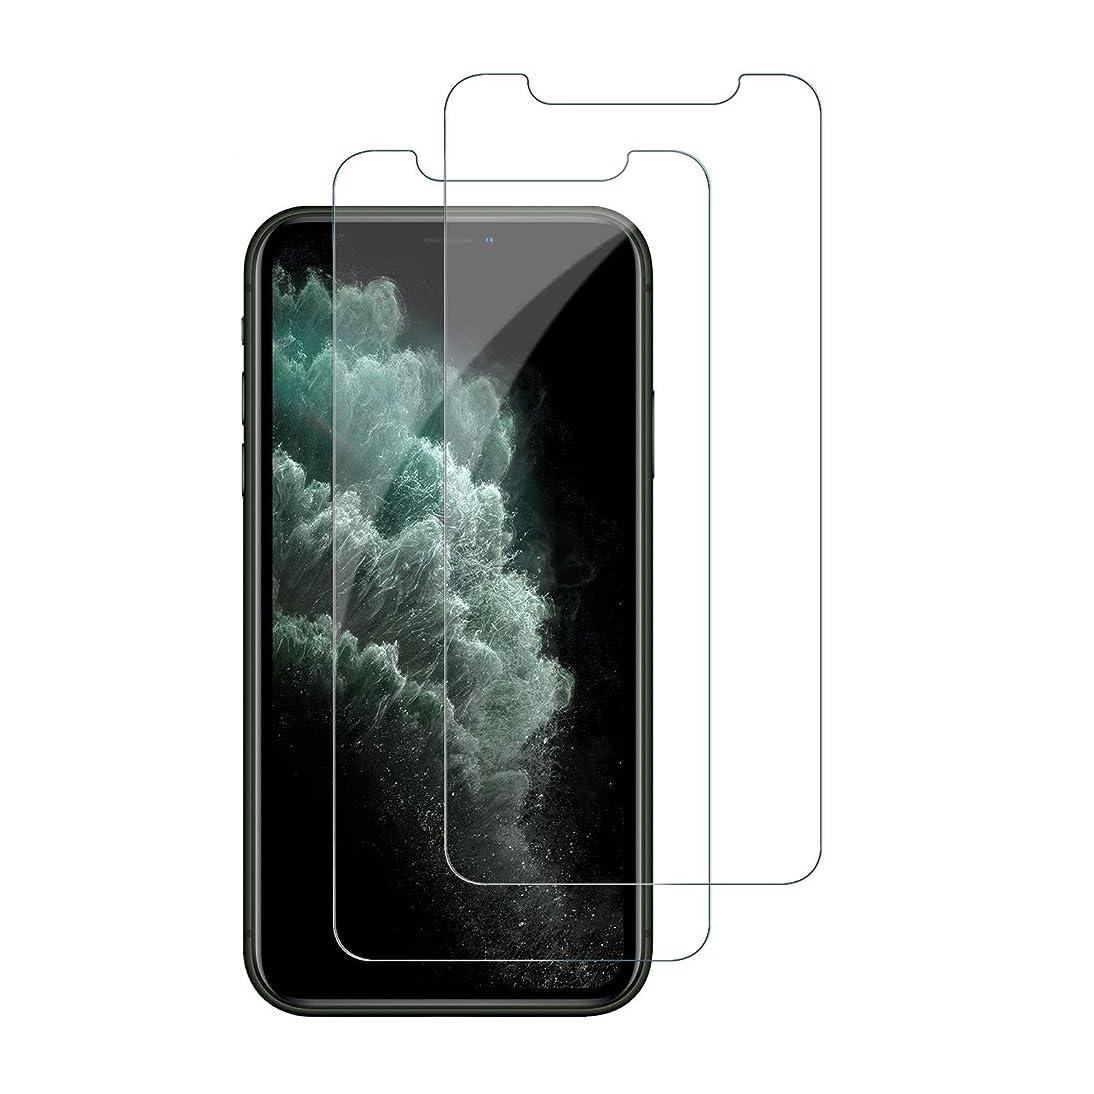 送料苗中間iPhone 11 Pro/iPhone XS/iPhone X ガラスフイルム【2枚セット】5.8 インチ フィルム 日本旭硝子製 [防指紋] [キズ防止] [気泡ゼロ] [硬度9H] [透過率99.9%] [高透過率] 強化ガラス 液晶保護フィルム